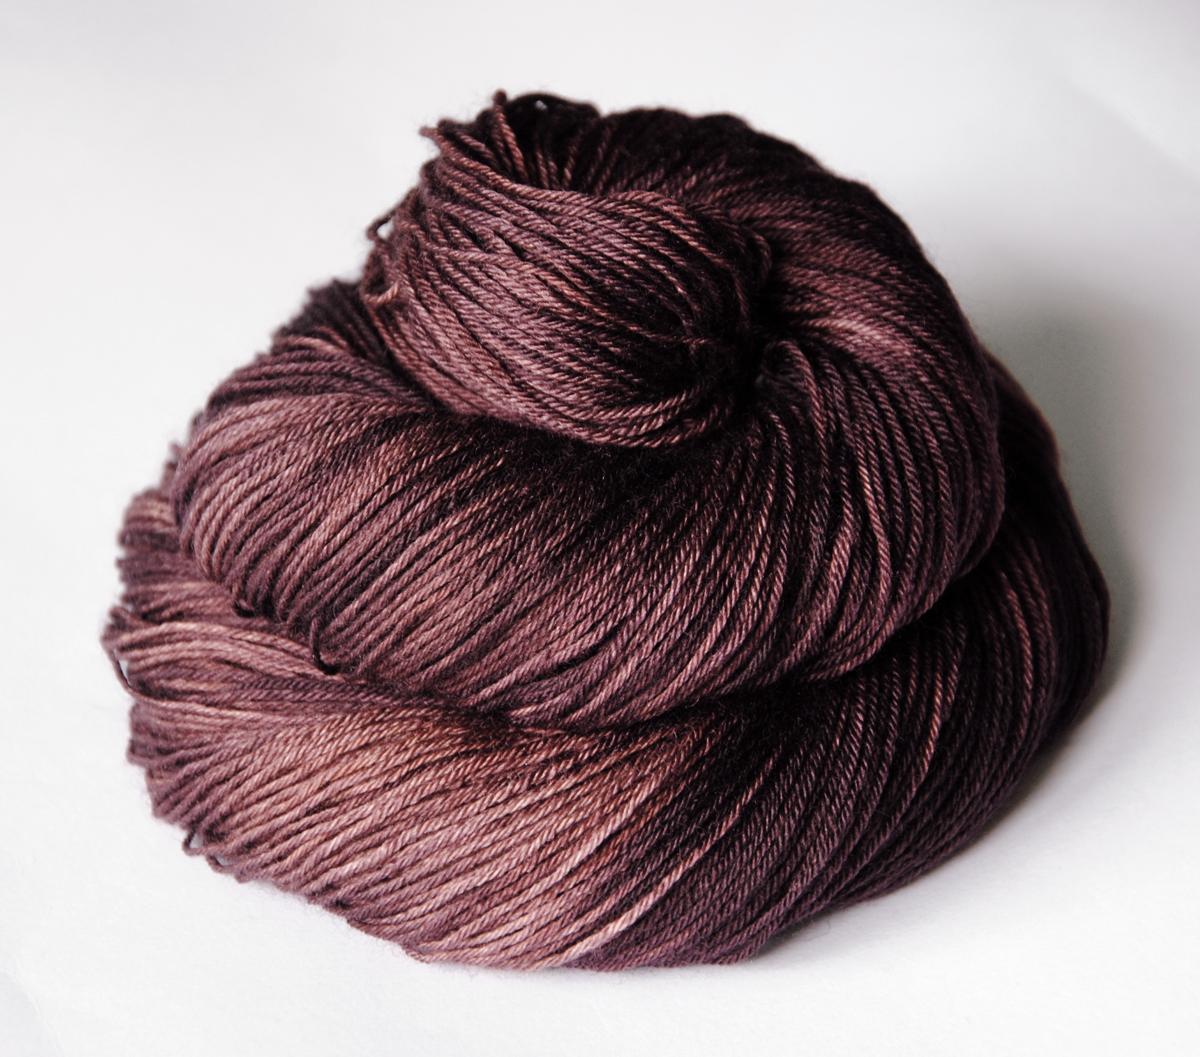 Dye for Yarn